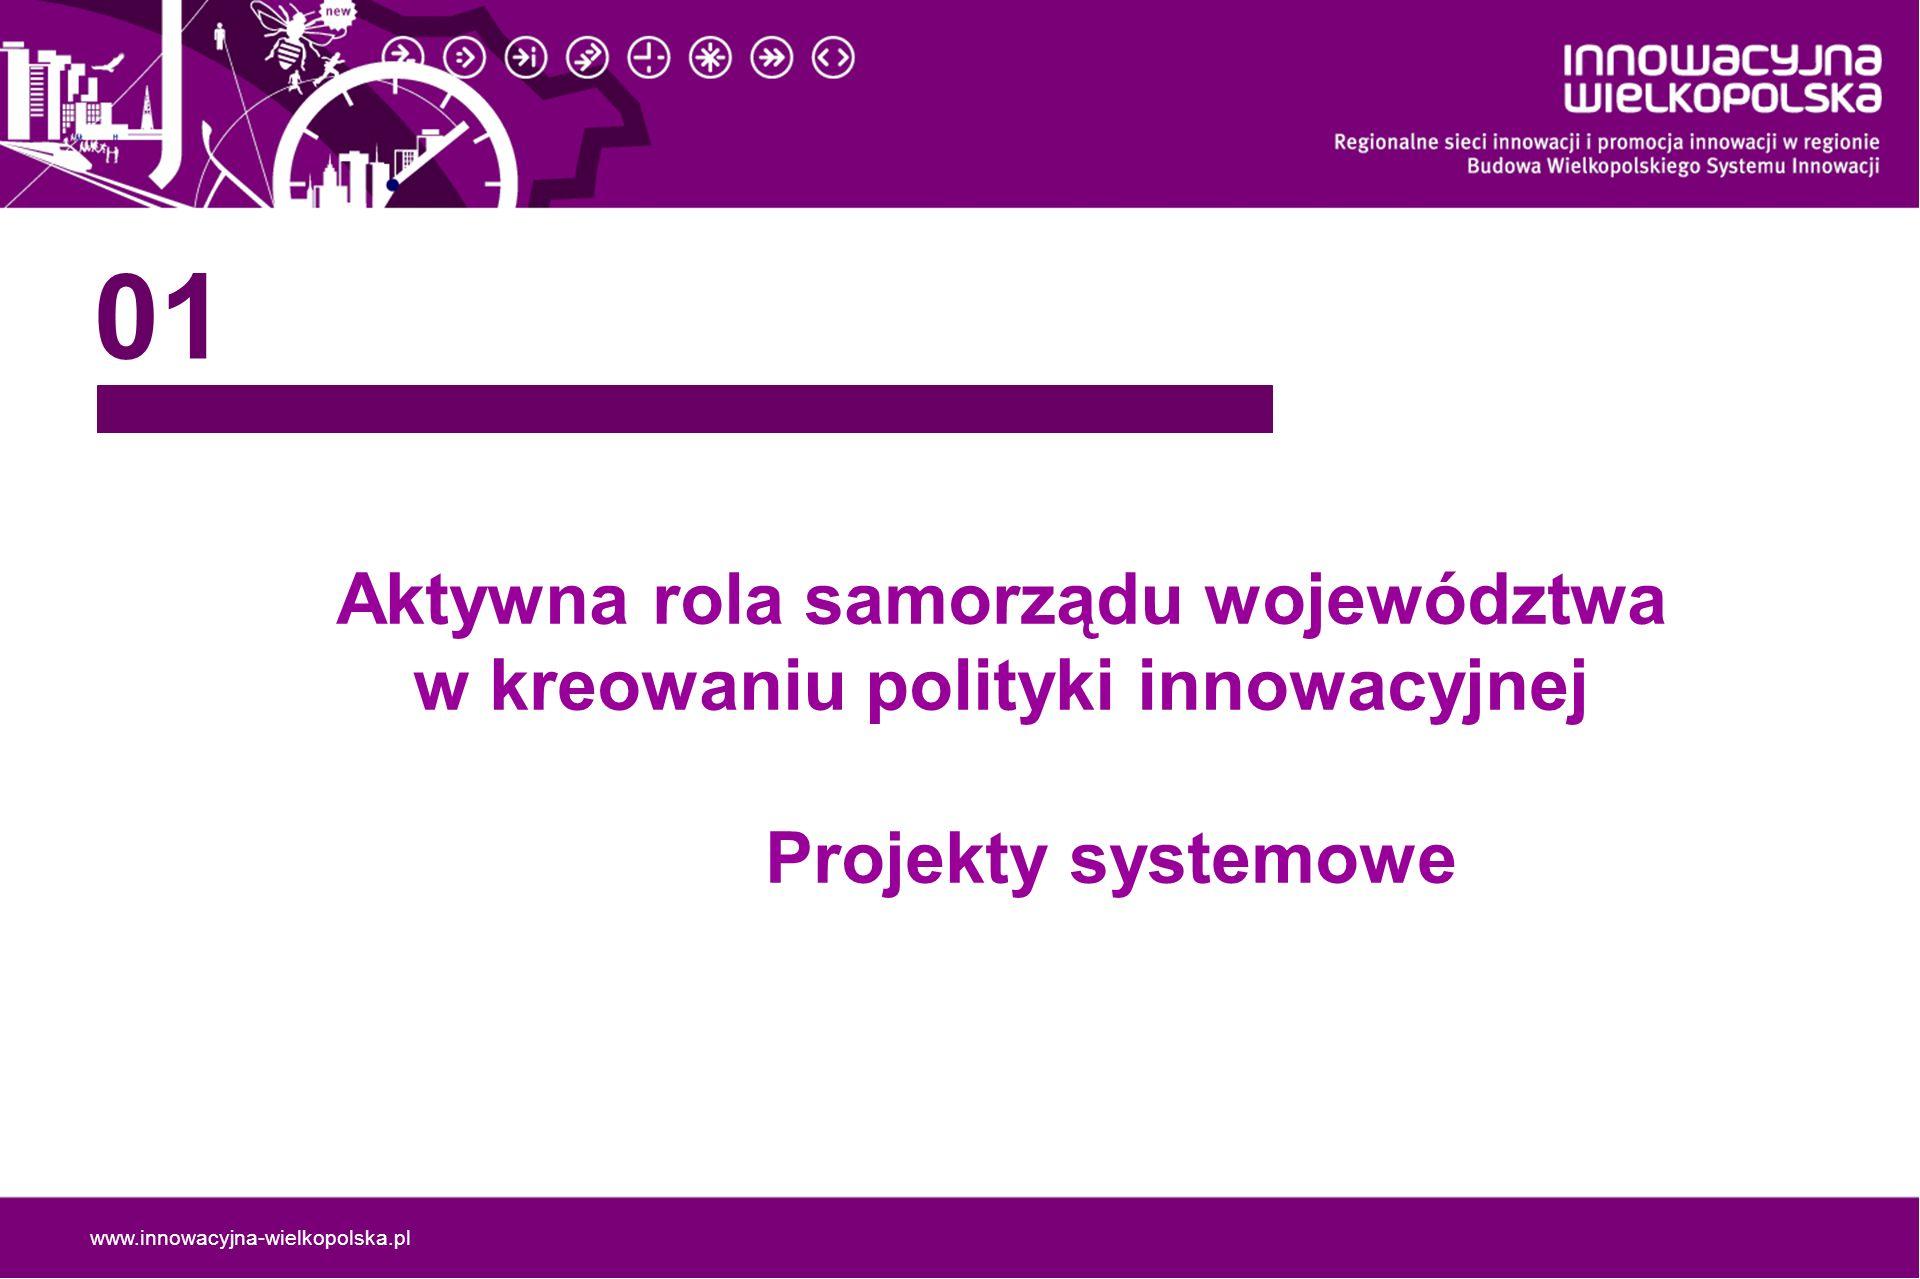 Aktywna rola samorządu województwa w kreowaniu polityki innowacyjnej